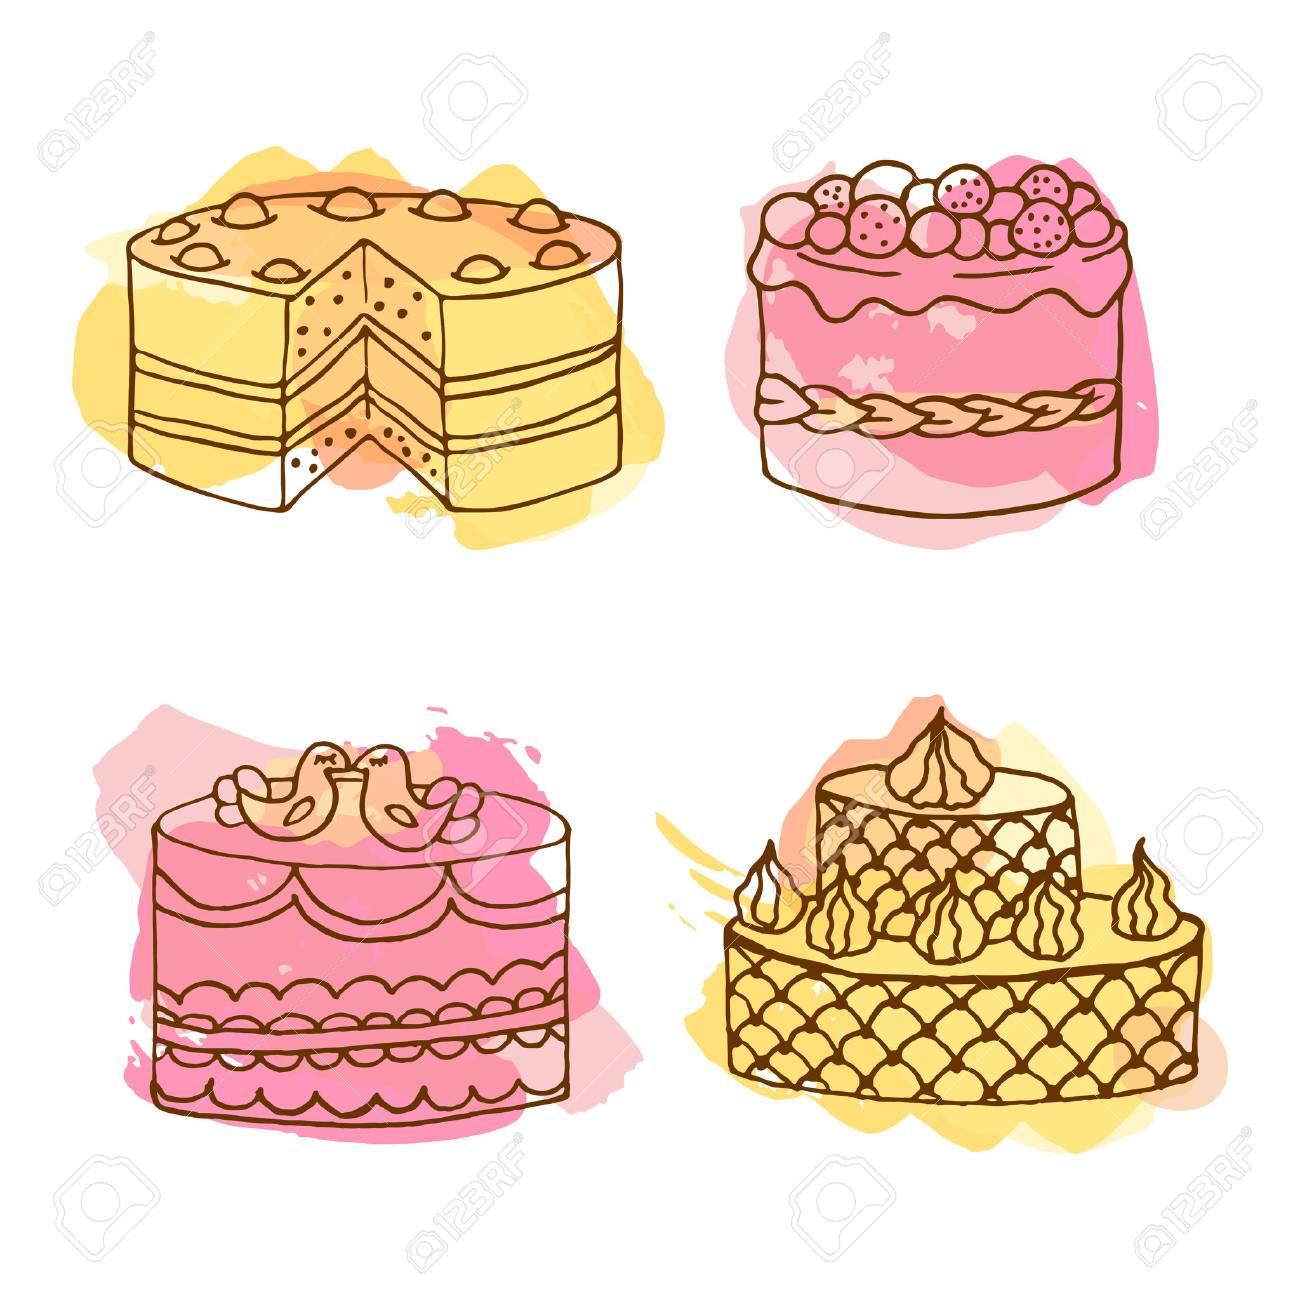 ベクトル ケーキのイラストです。4 本セットは、カラフルな水彩